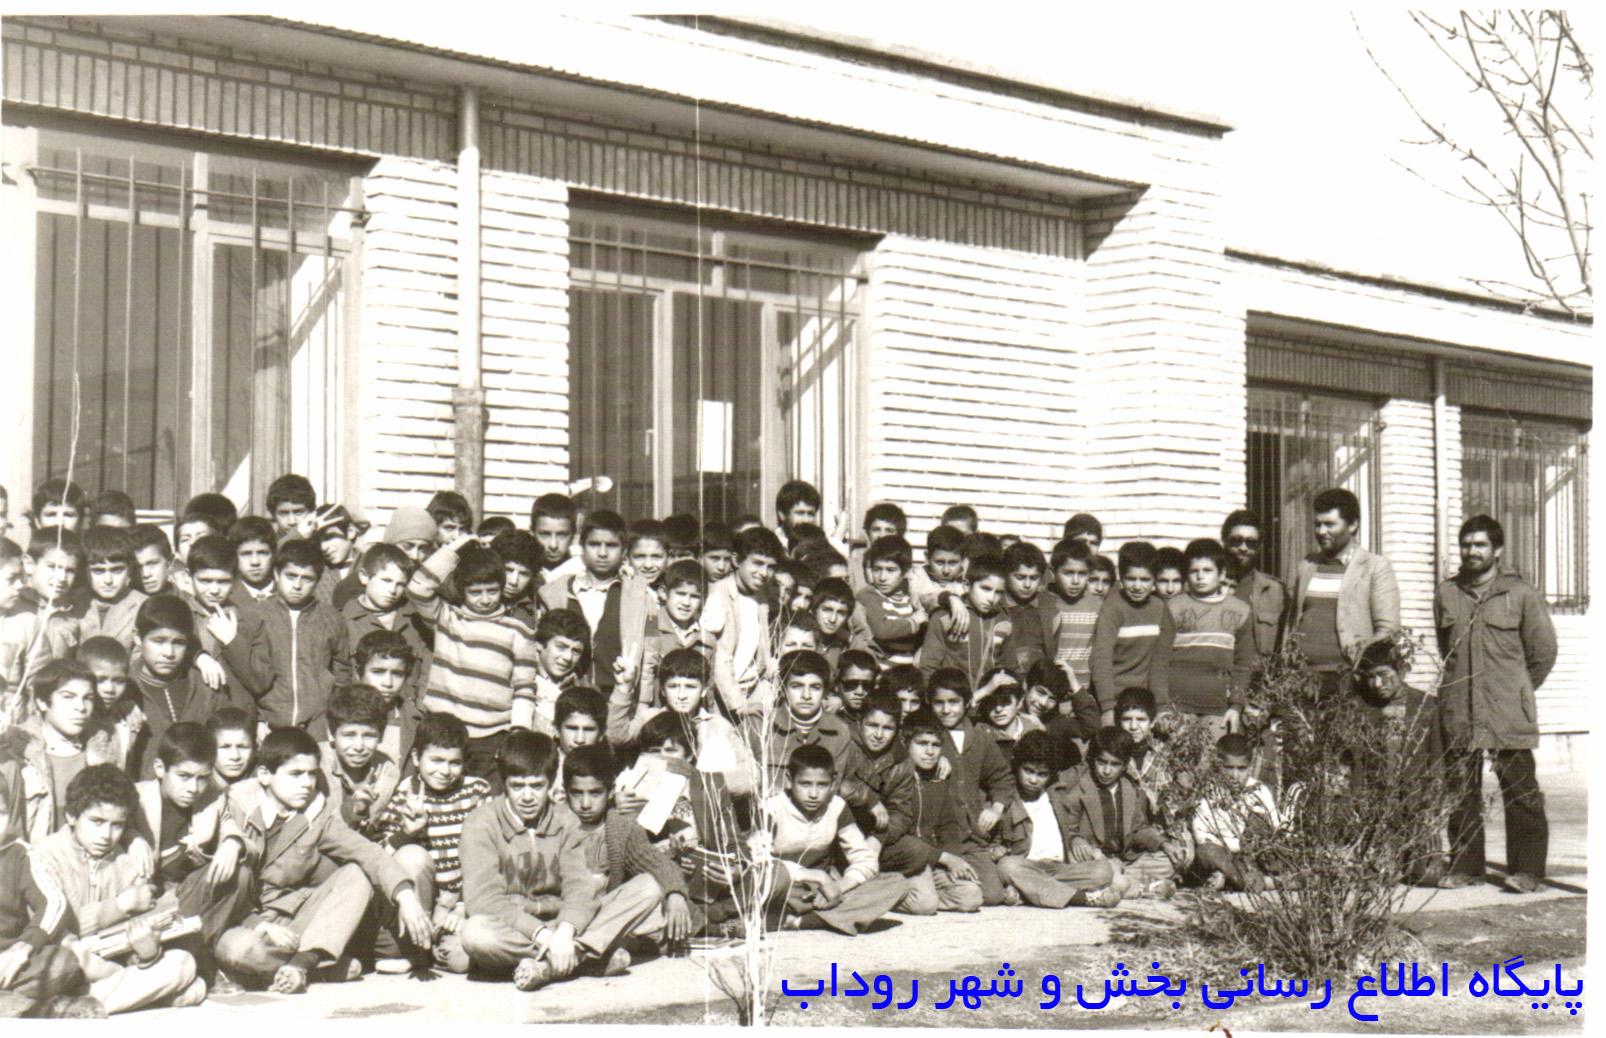 مدرسه راهنمایی شهید اشرفی اصفهانی روداب